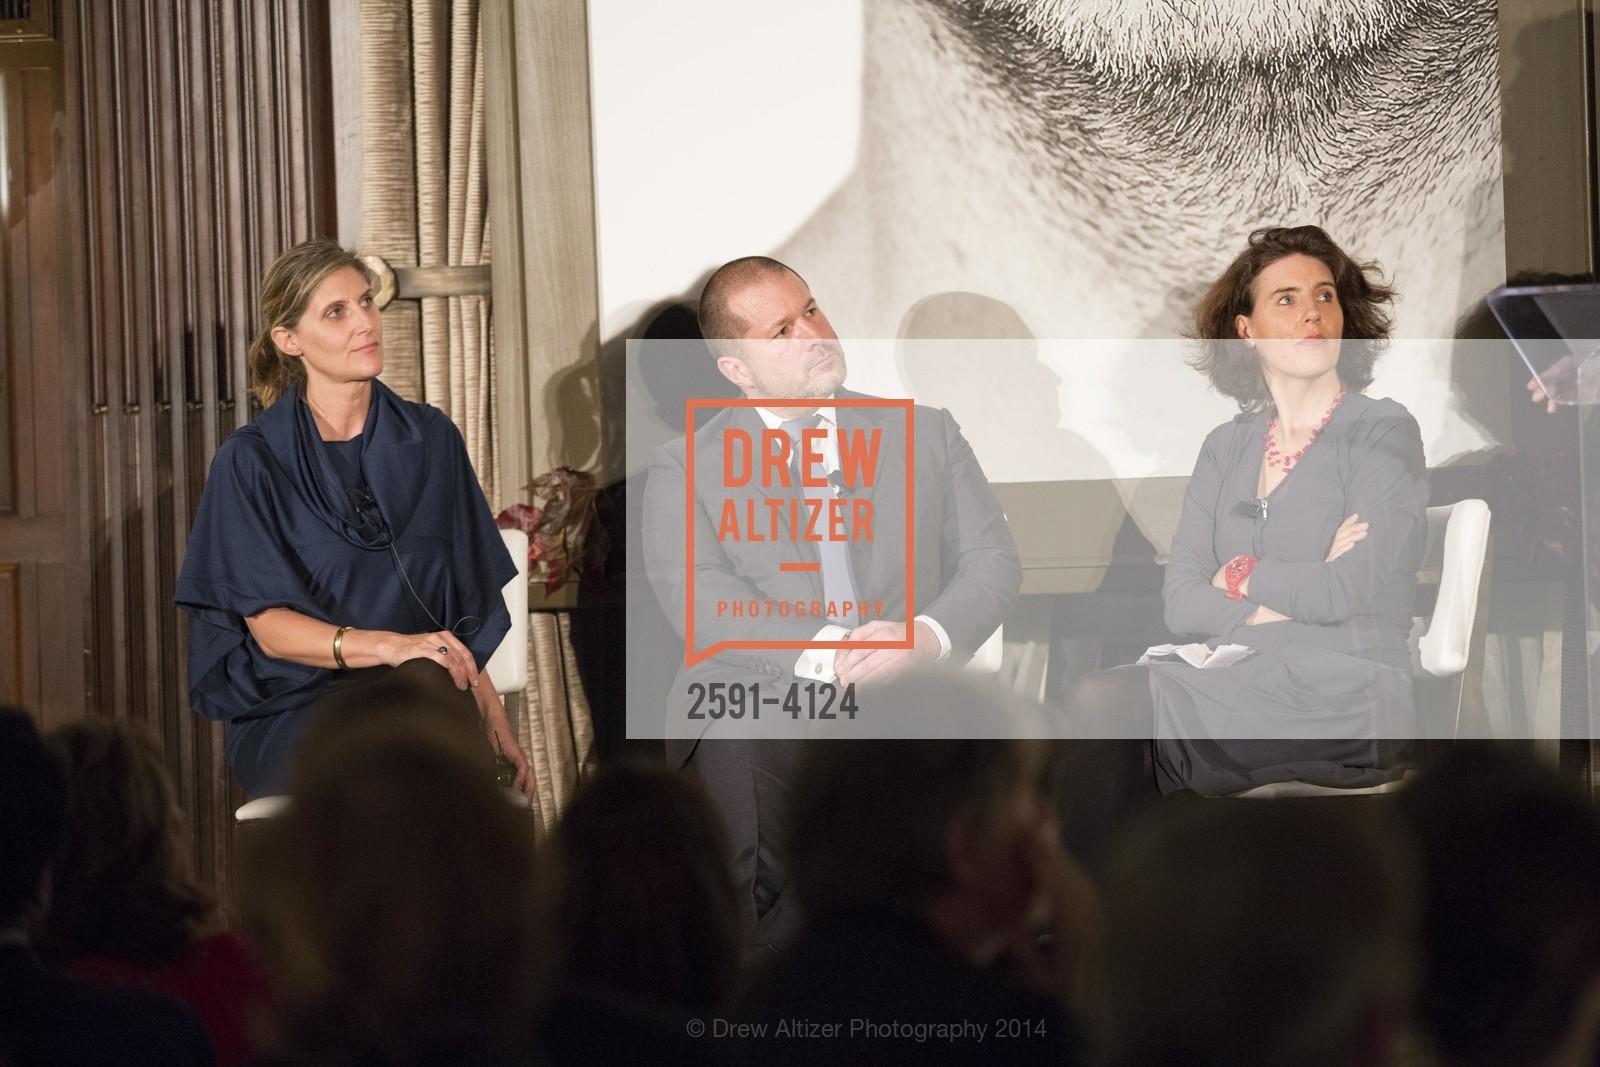 Jennifer Dunlop Fletcher, Jony Ive, Frances Anderton, Photo #2591-4124